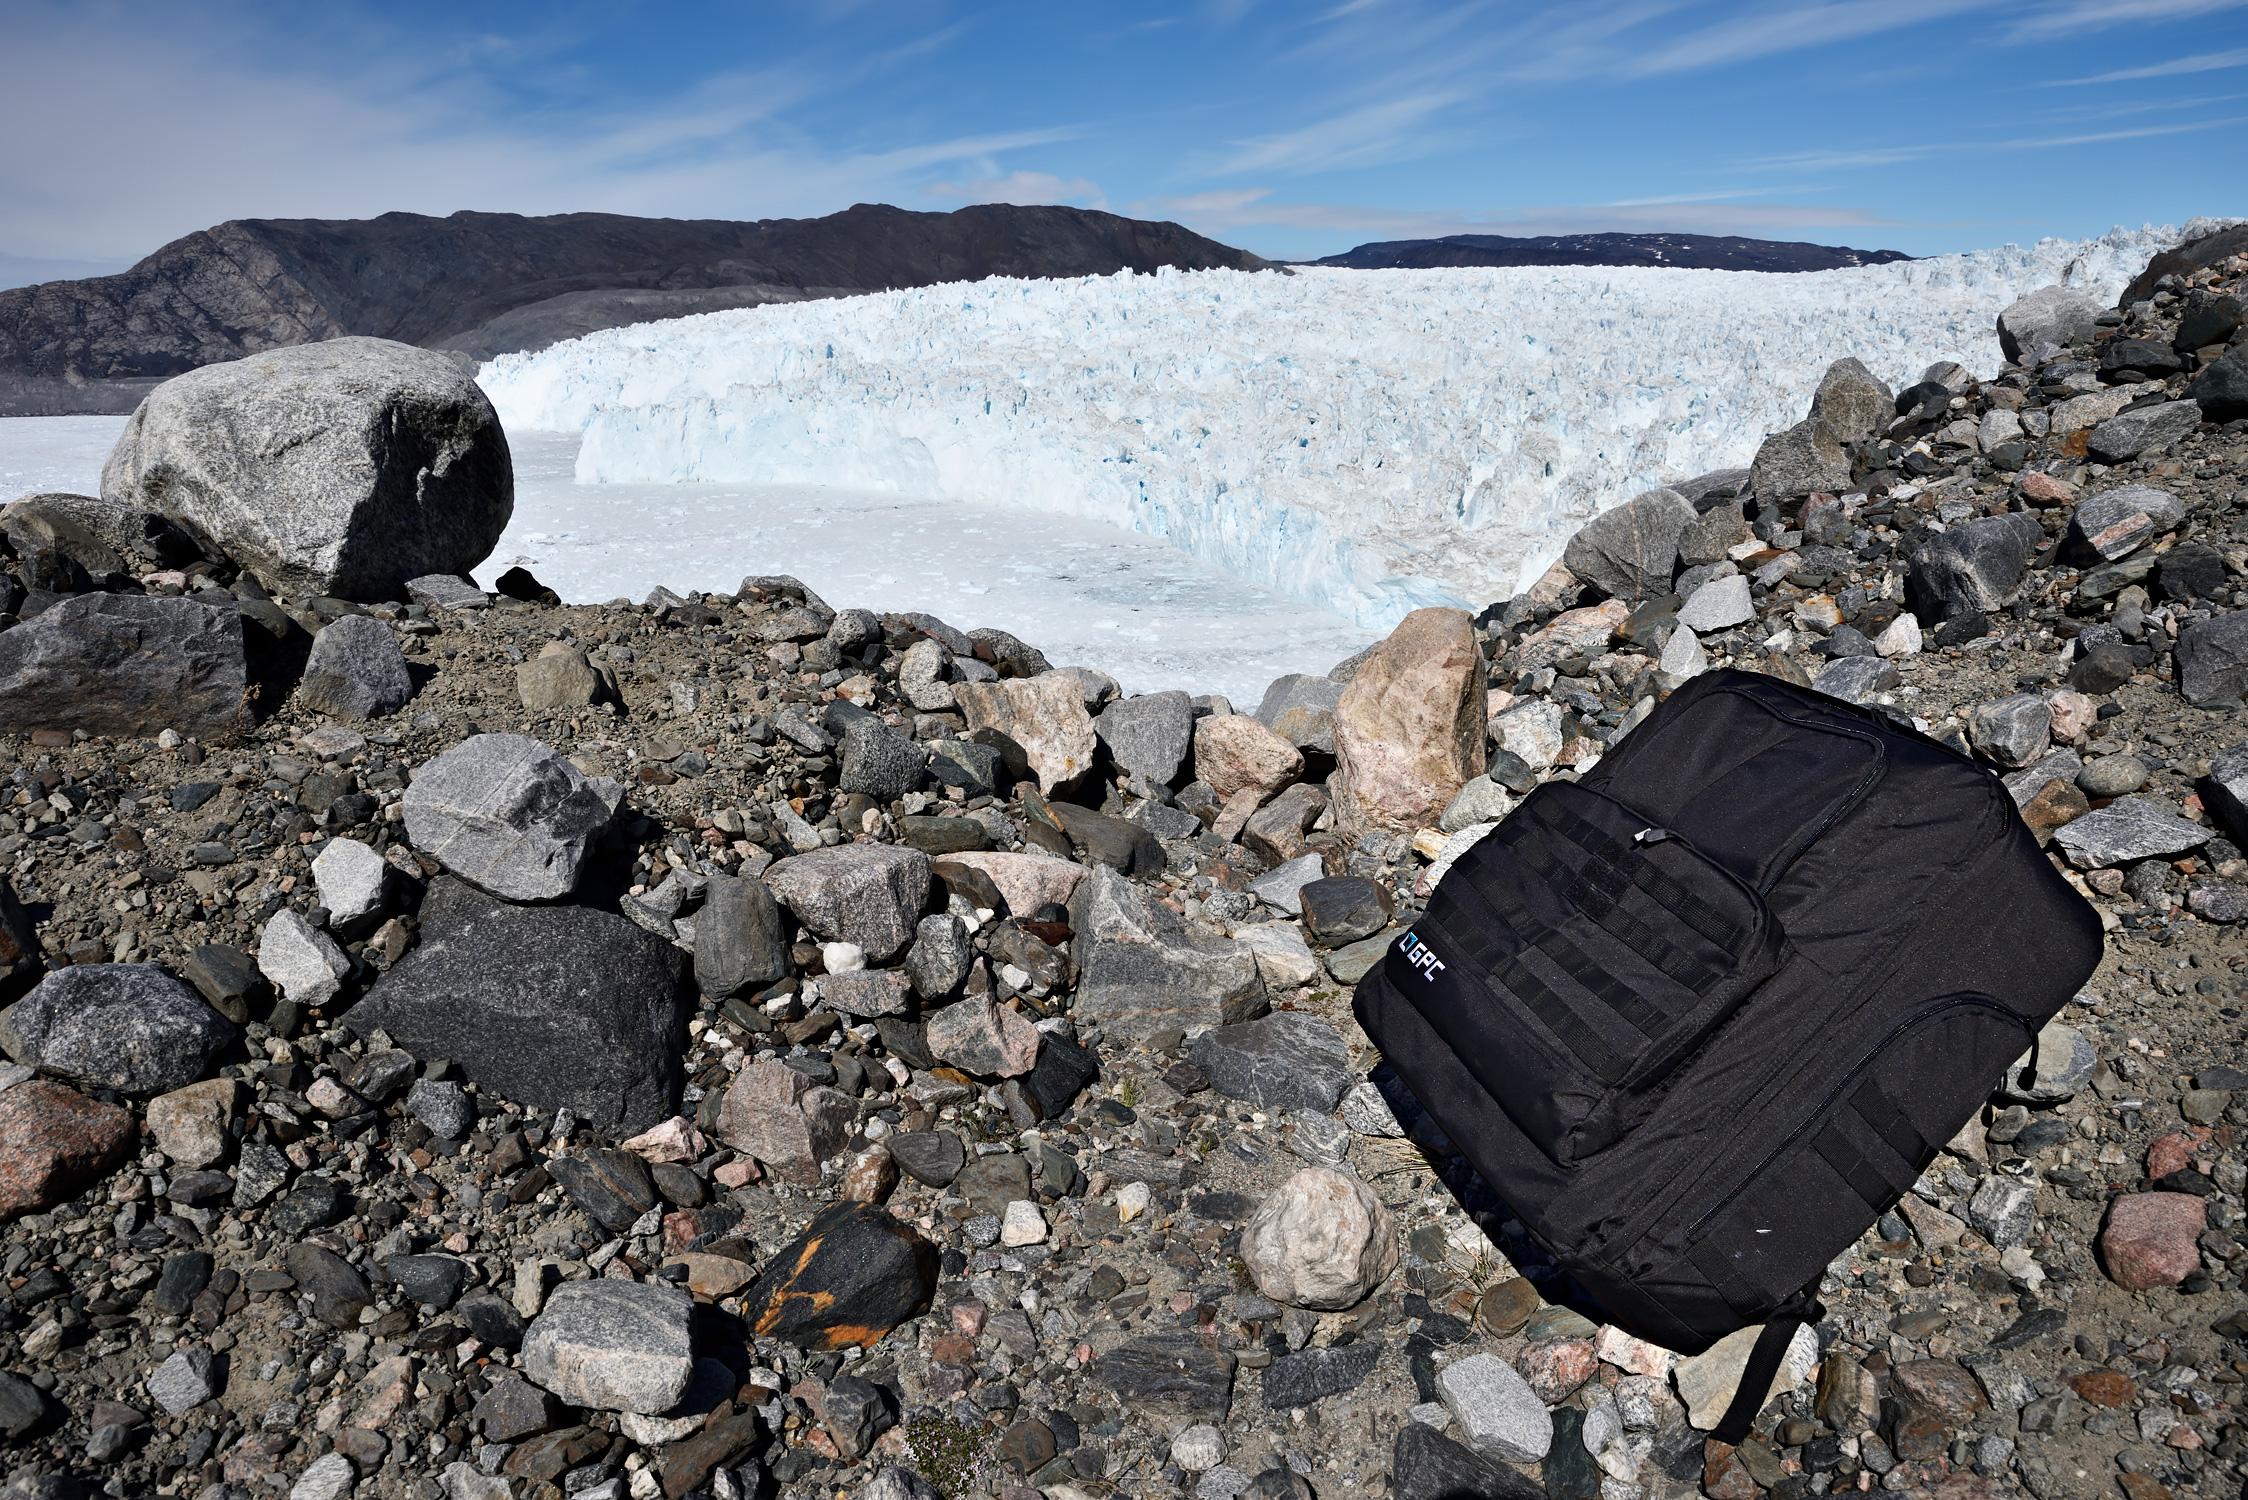 Mit dem GPC Inspire 2 Rucksack machen auch stundenlange Wanderungen (wie hier auf die Seitenmoräne des Eqi-Gletschers) Spaß.